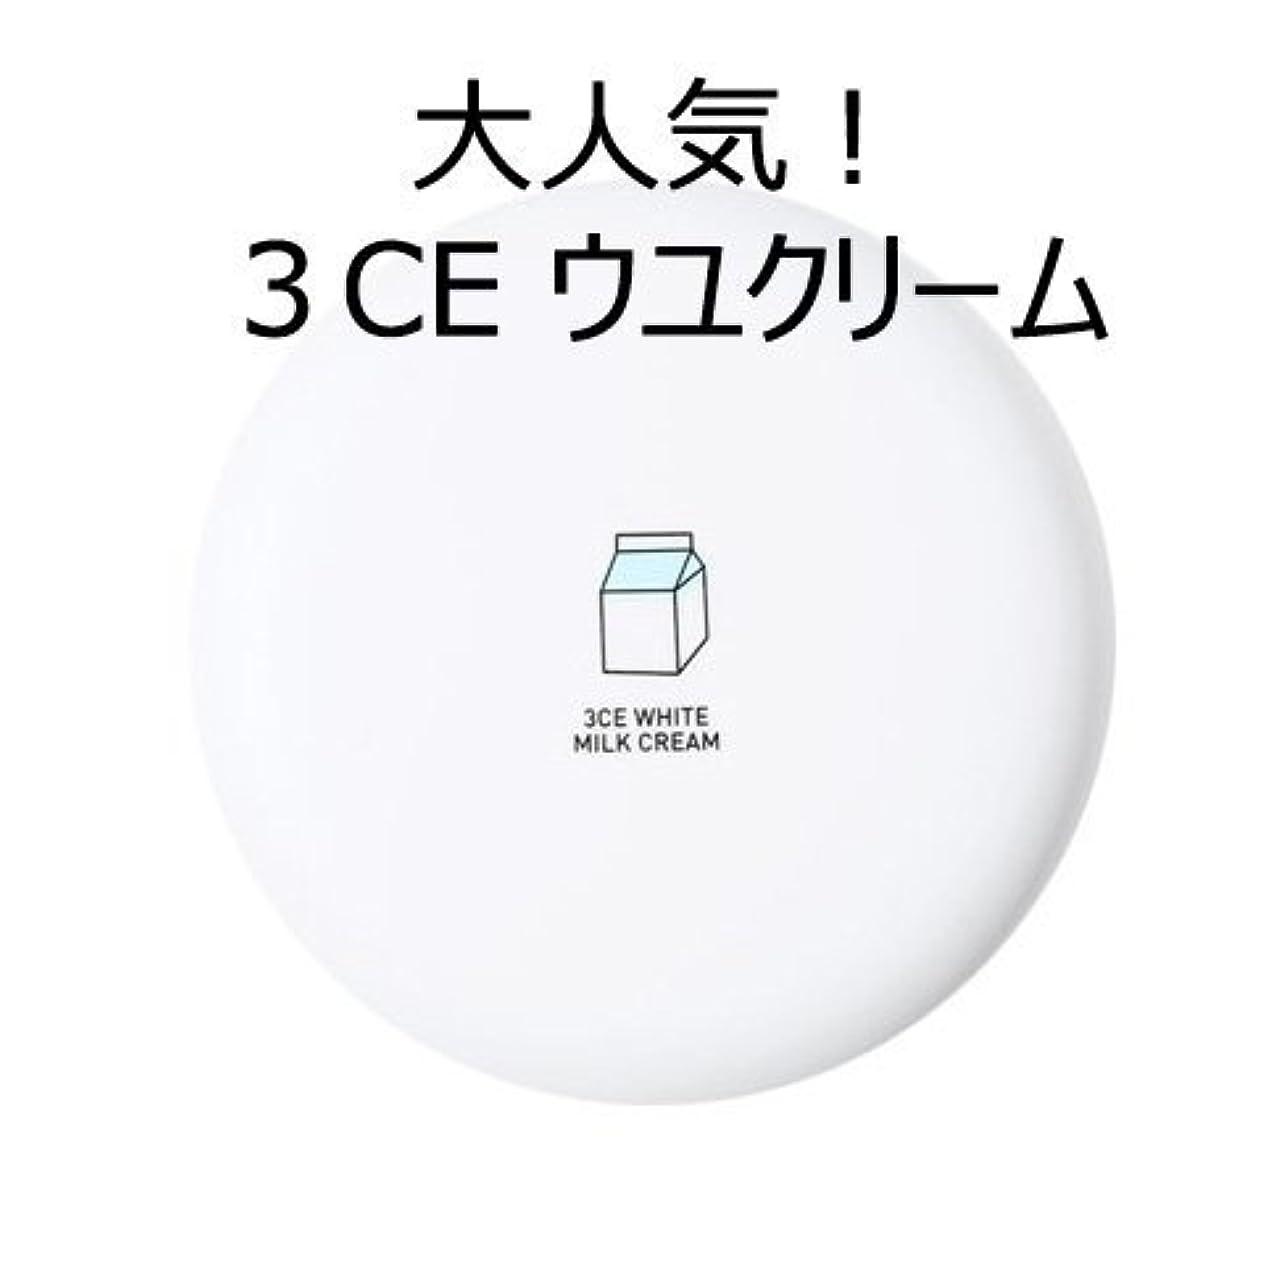 アルバム音楽を聴くログ[3CE] [大人気!話題のウユクリーム] 3CE White Milk Cream [並行輸入品]